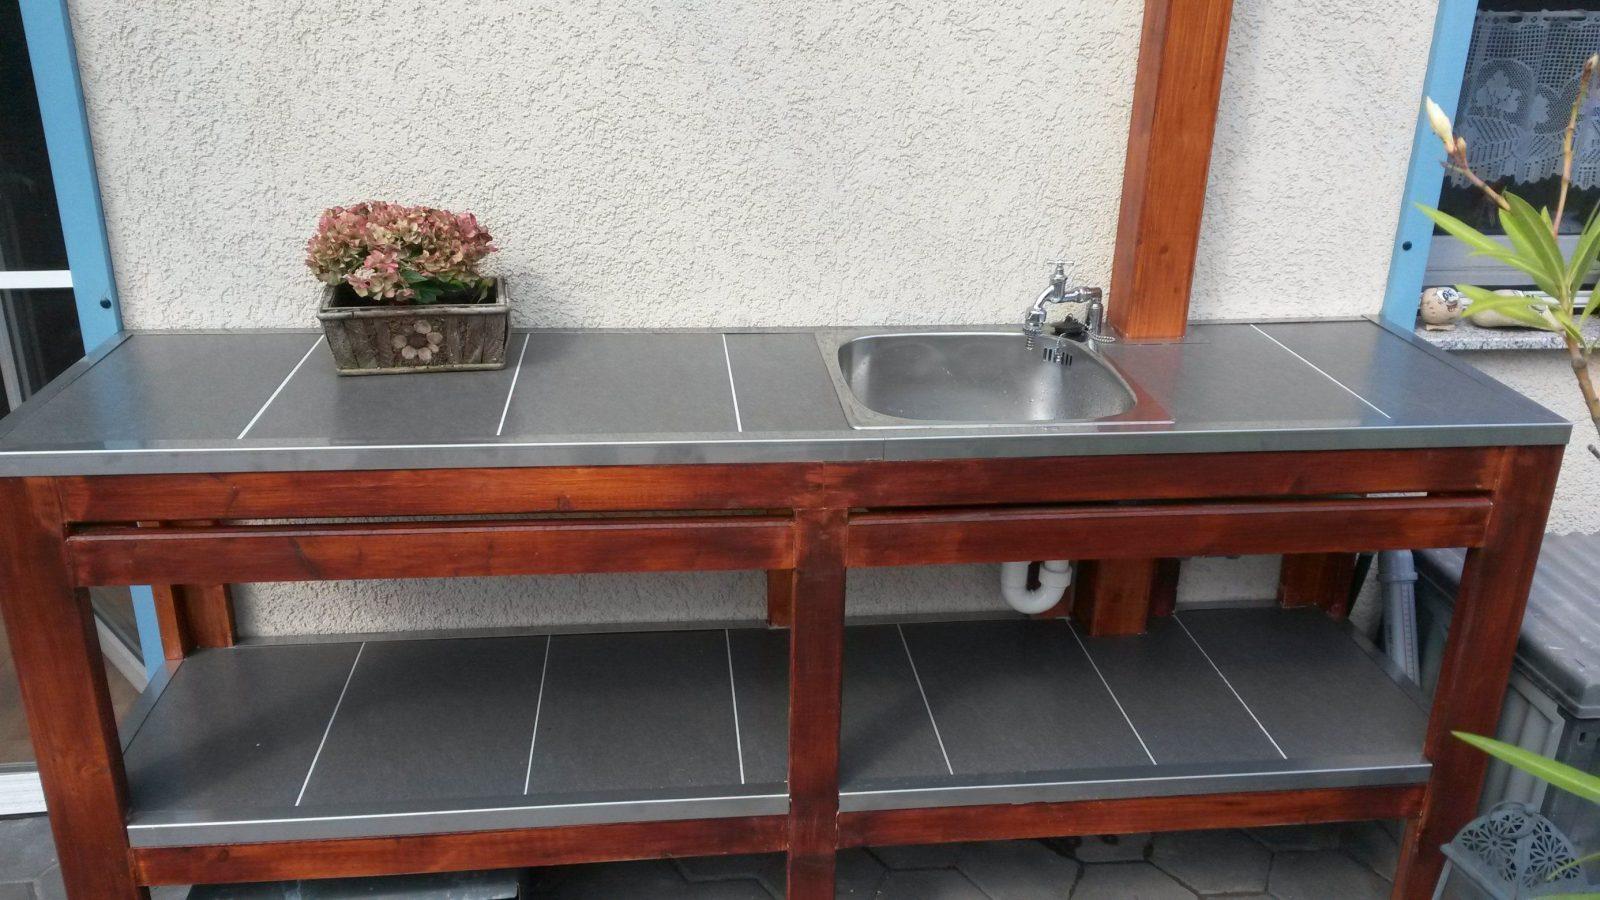 Außenküche Selber Bauen Kaufen : Ideen für außenküche selber bauen beispiele für avec